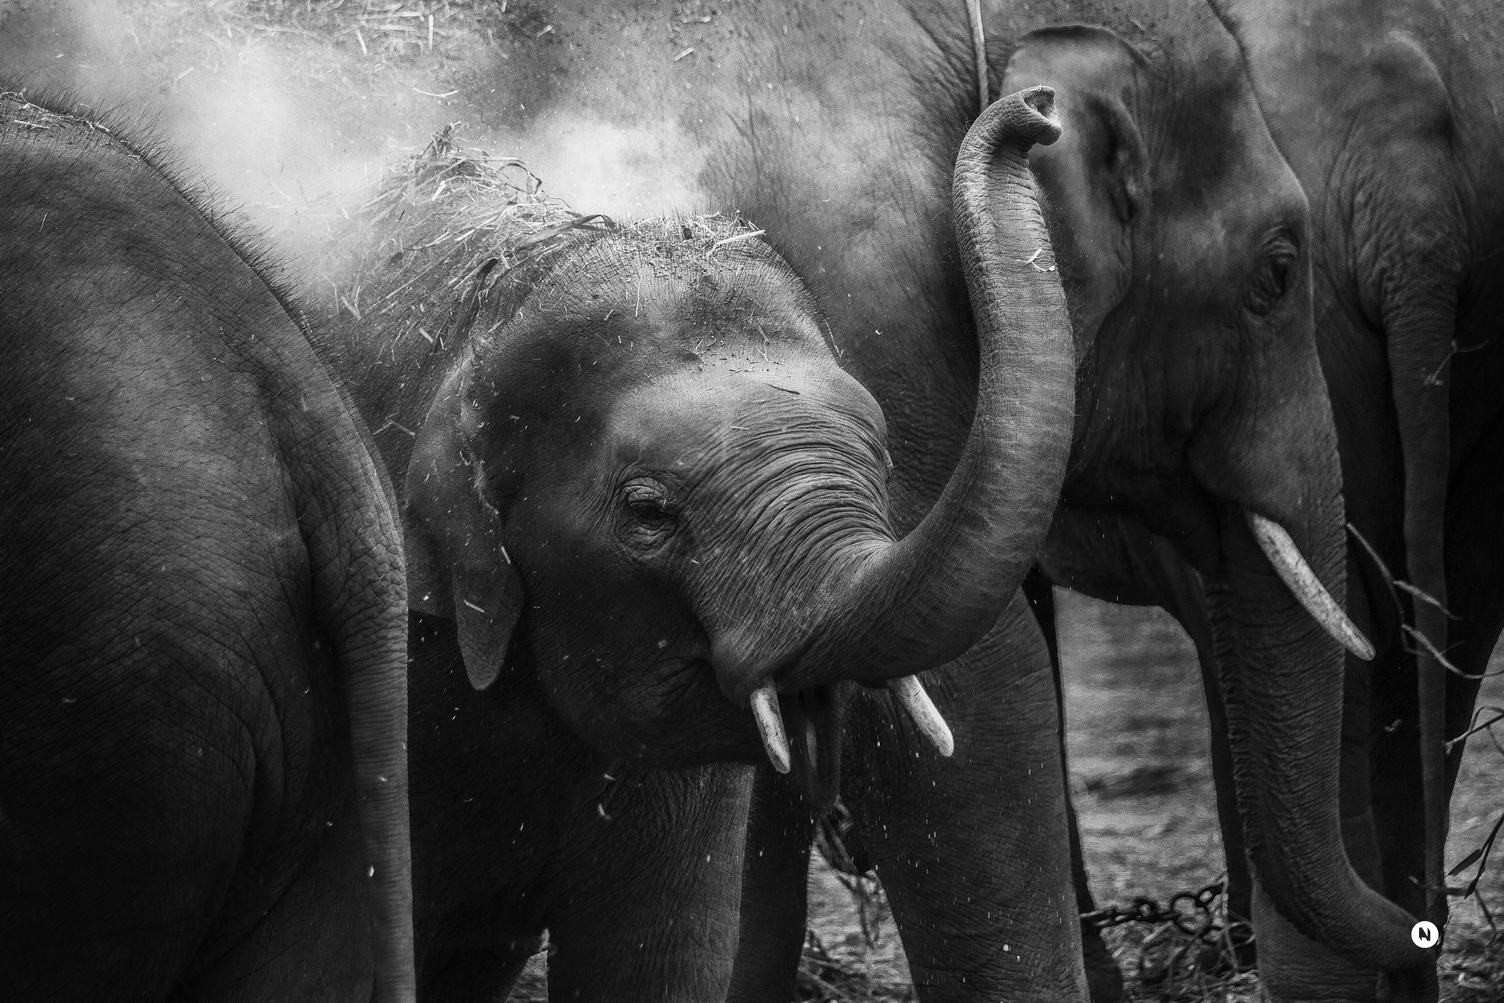 Elephant Family Closeup